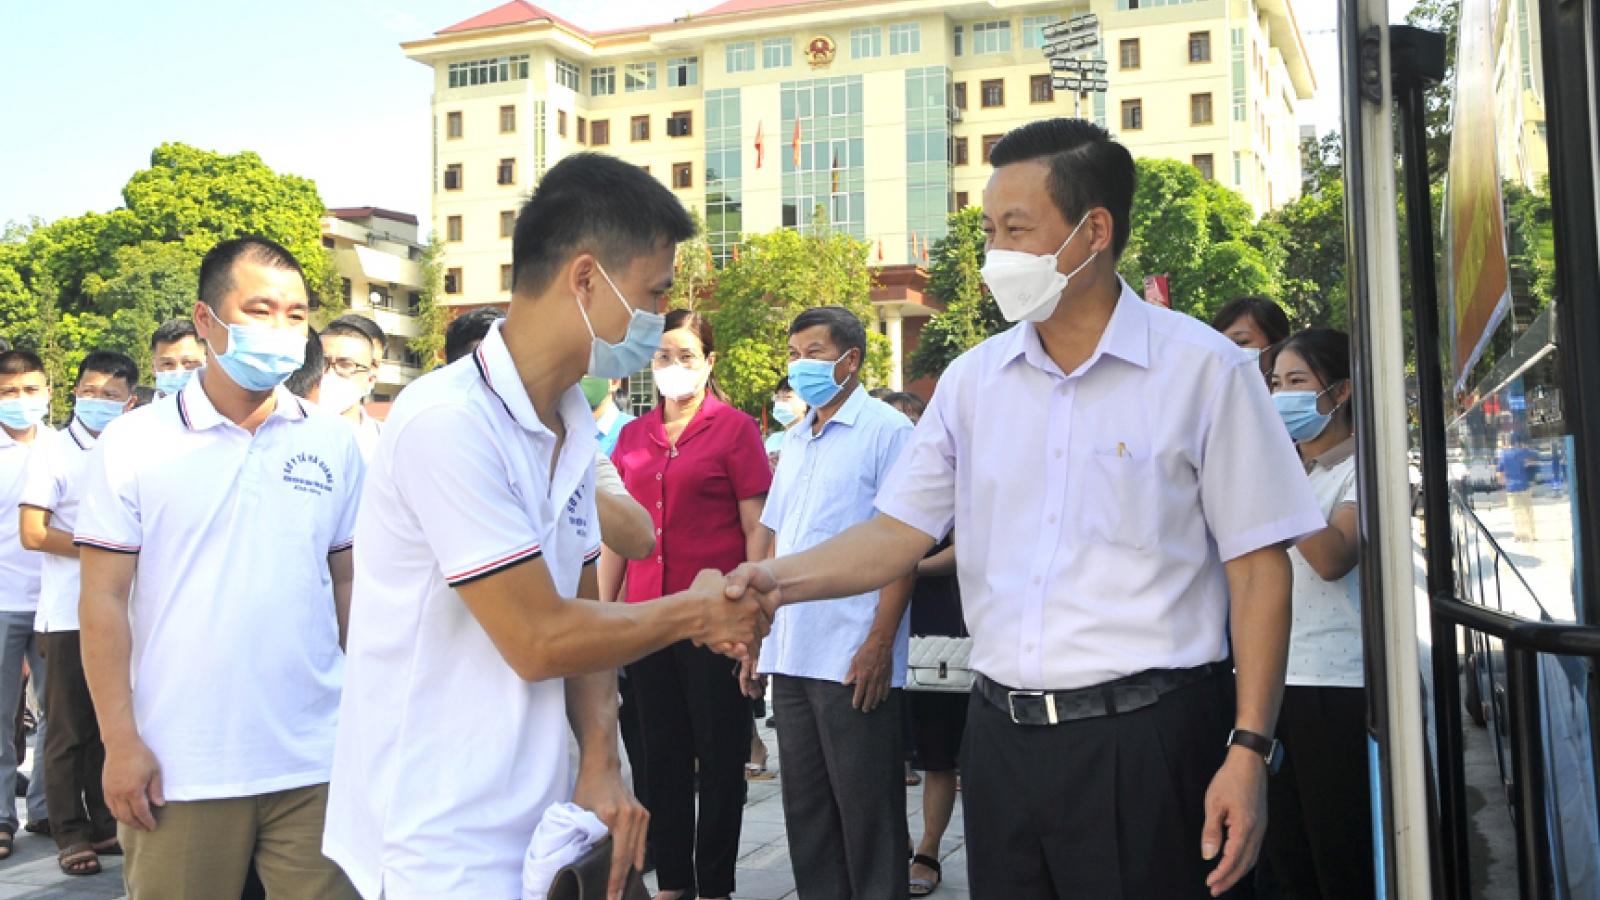 Hà Giang cử đoàn cán bộ y tế vào hỗ trợ TP.HCM chống dịch Covid-19